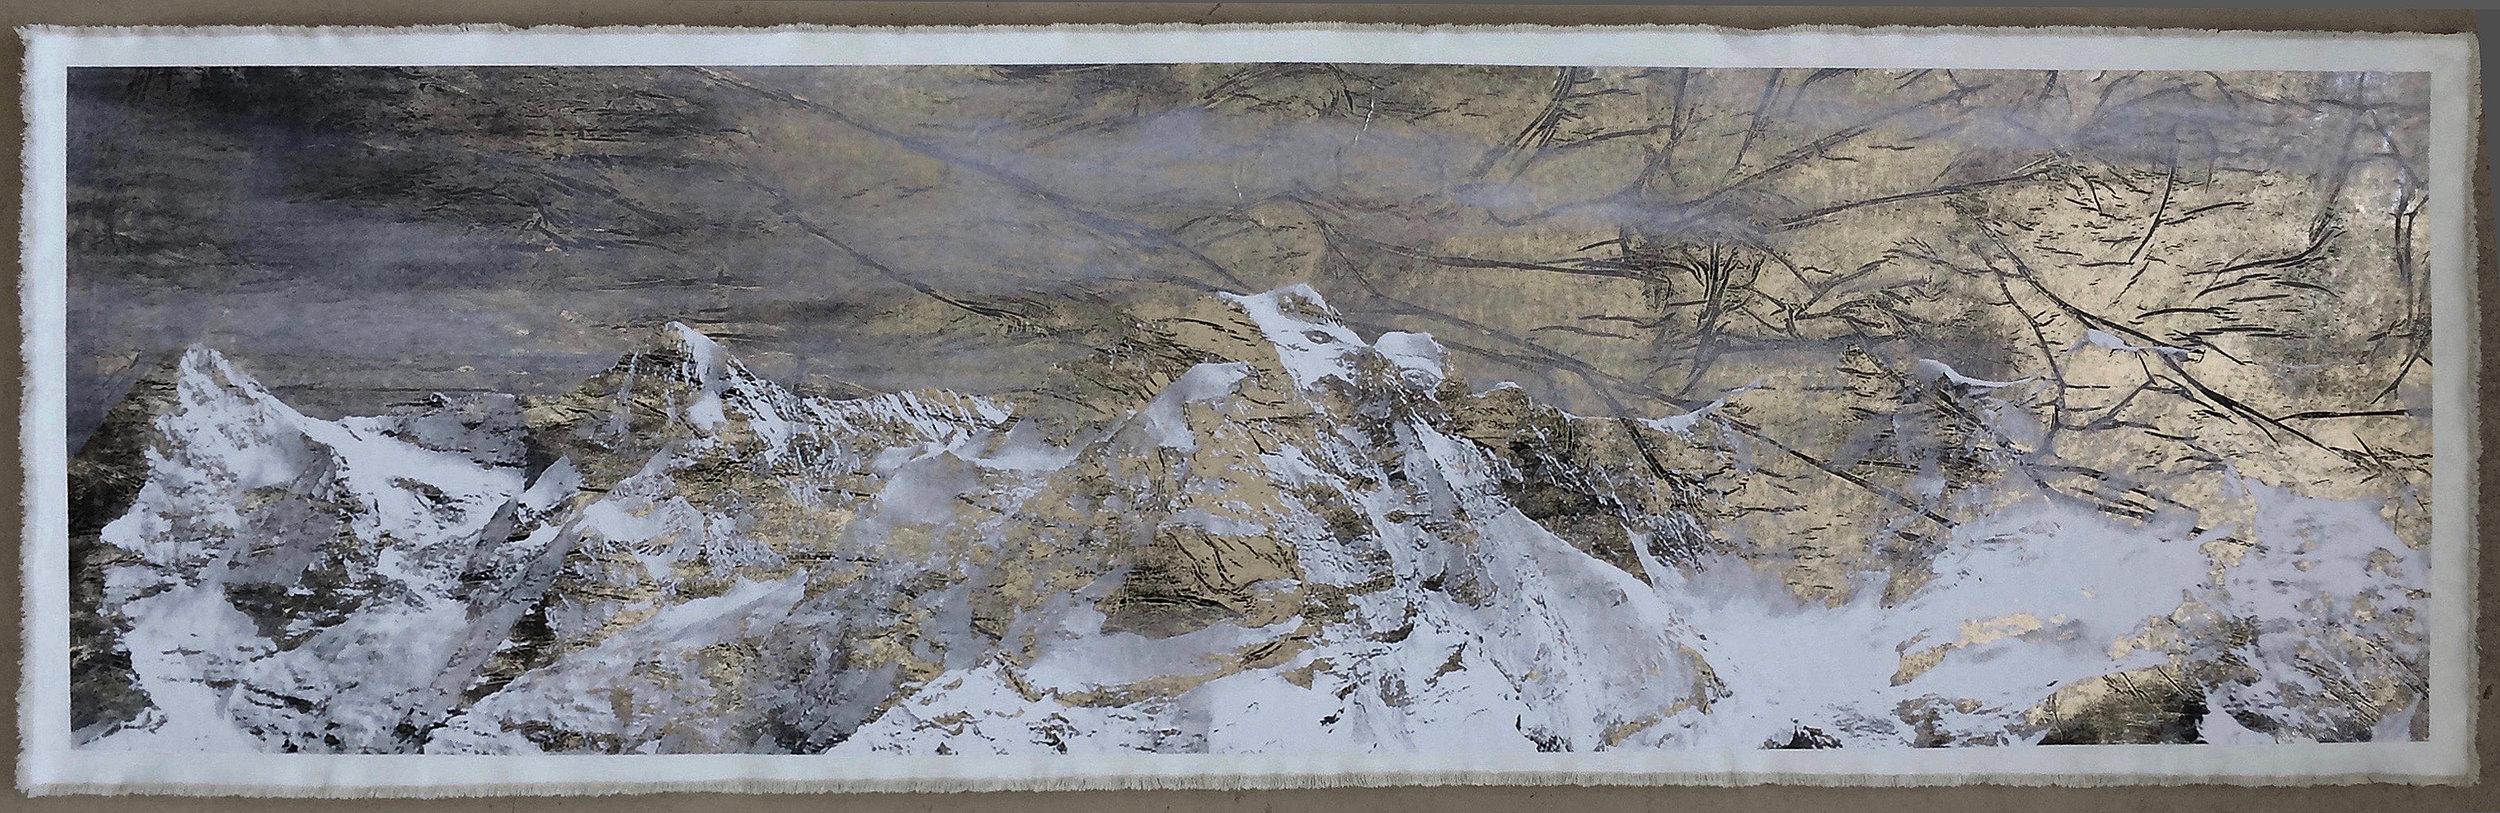 Jungfrau I_200 x 72cm copy.jpg